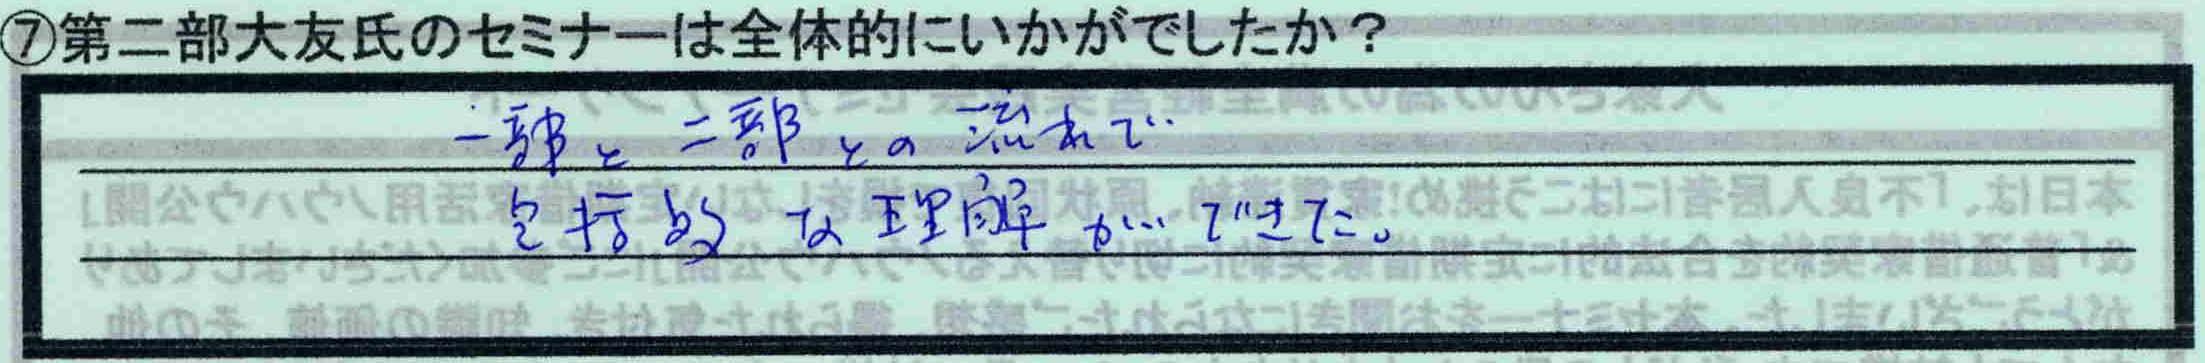 【愛知県宝飯郡】【【S.Hさん】【二部感想】